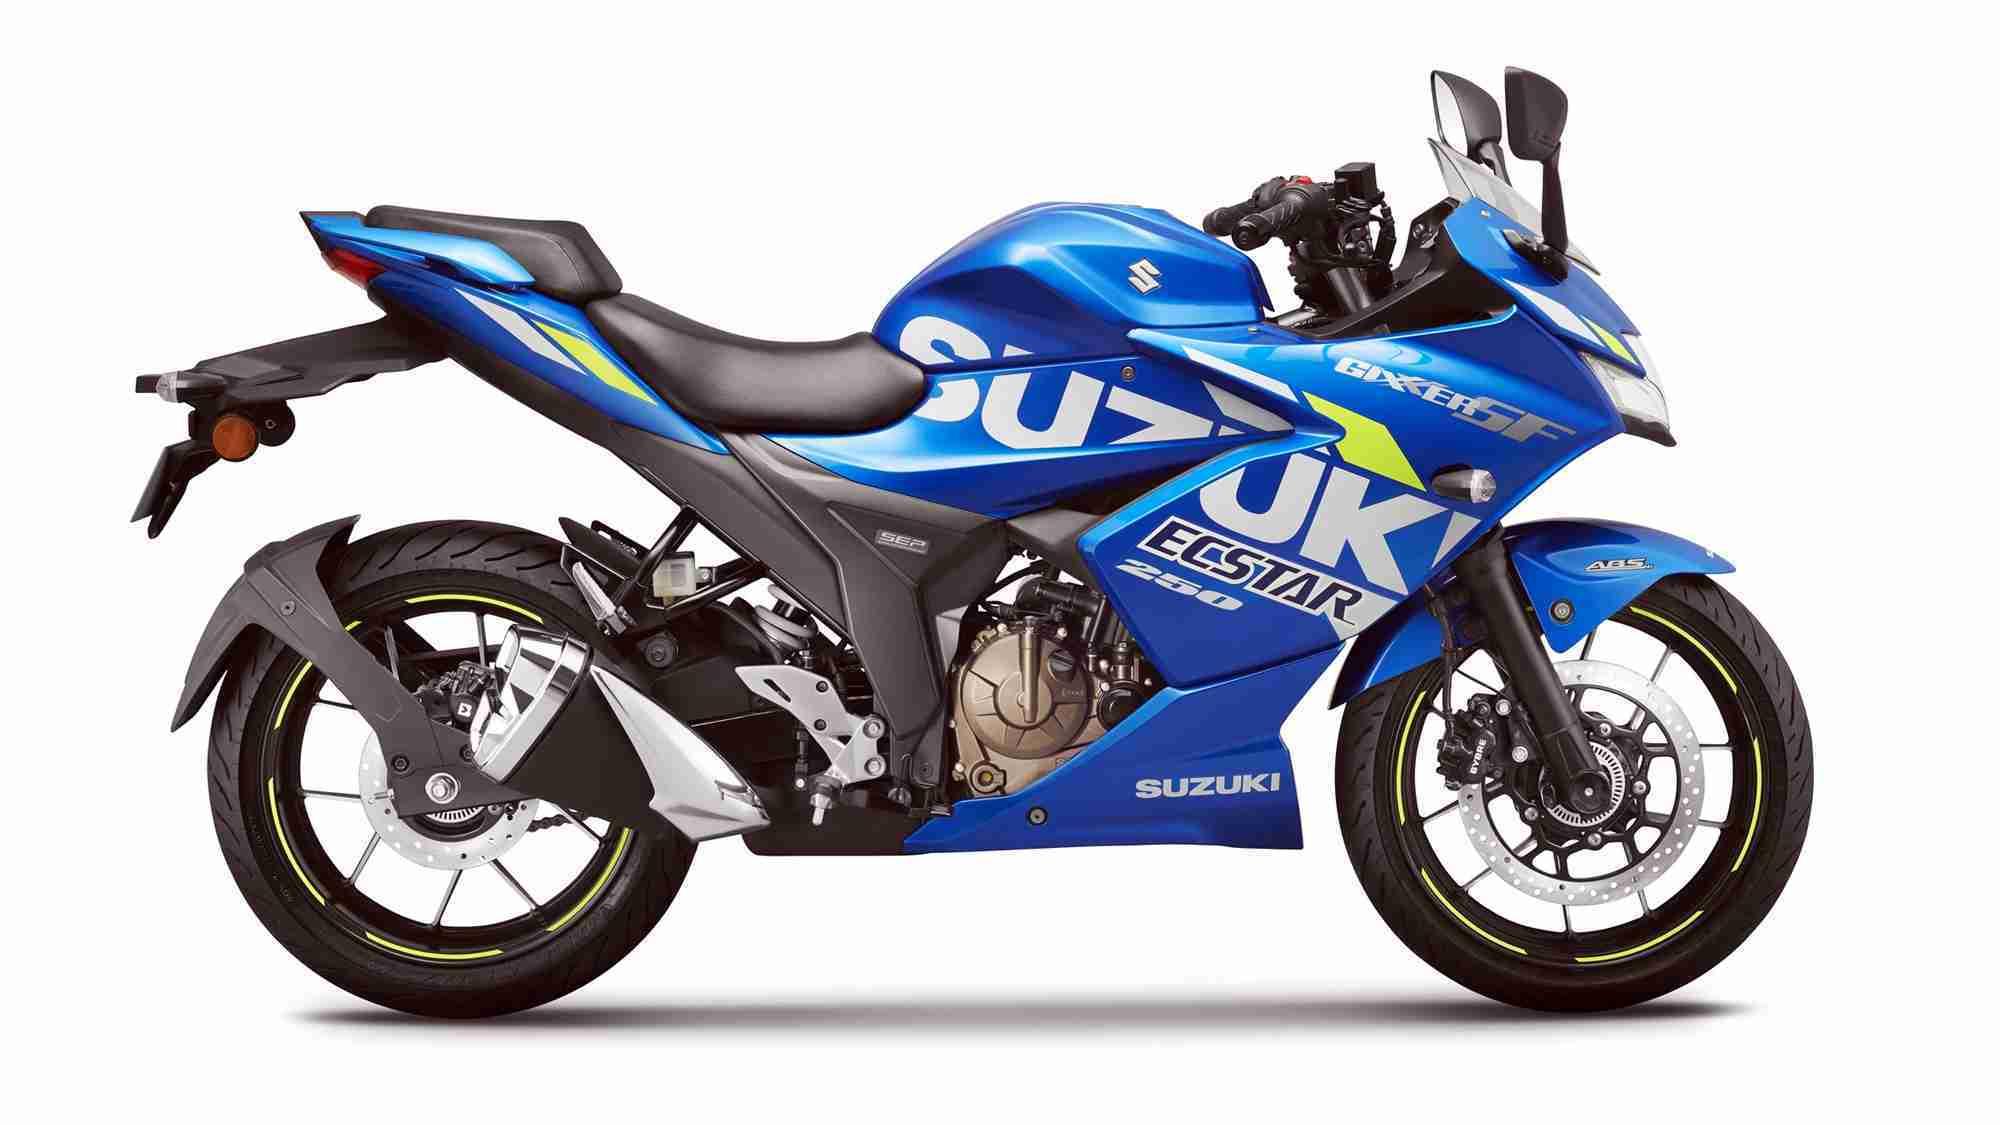 BS6 Suzuki Gixxer SF 250 MotoGP edition